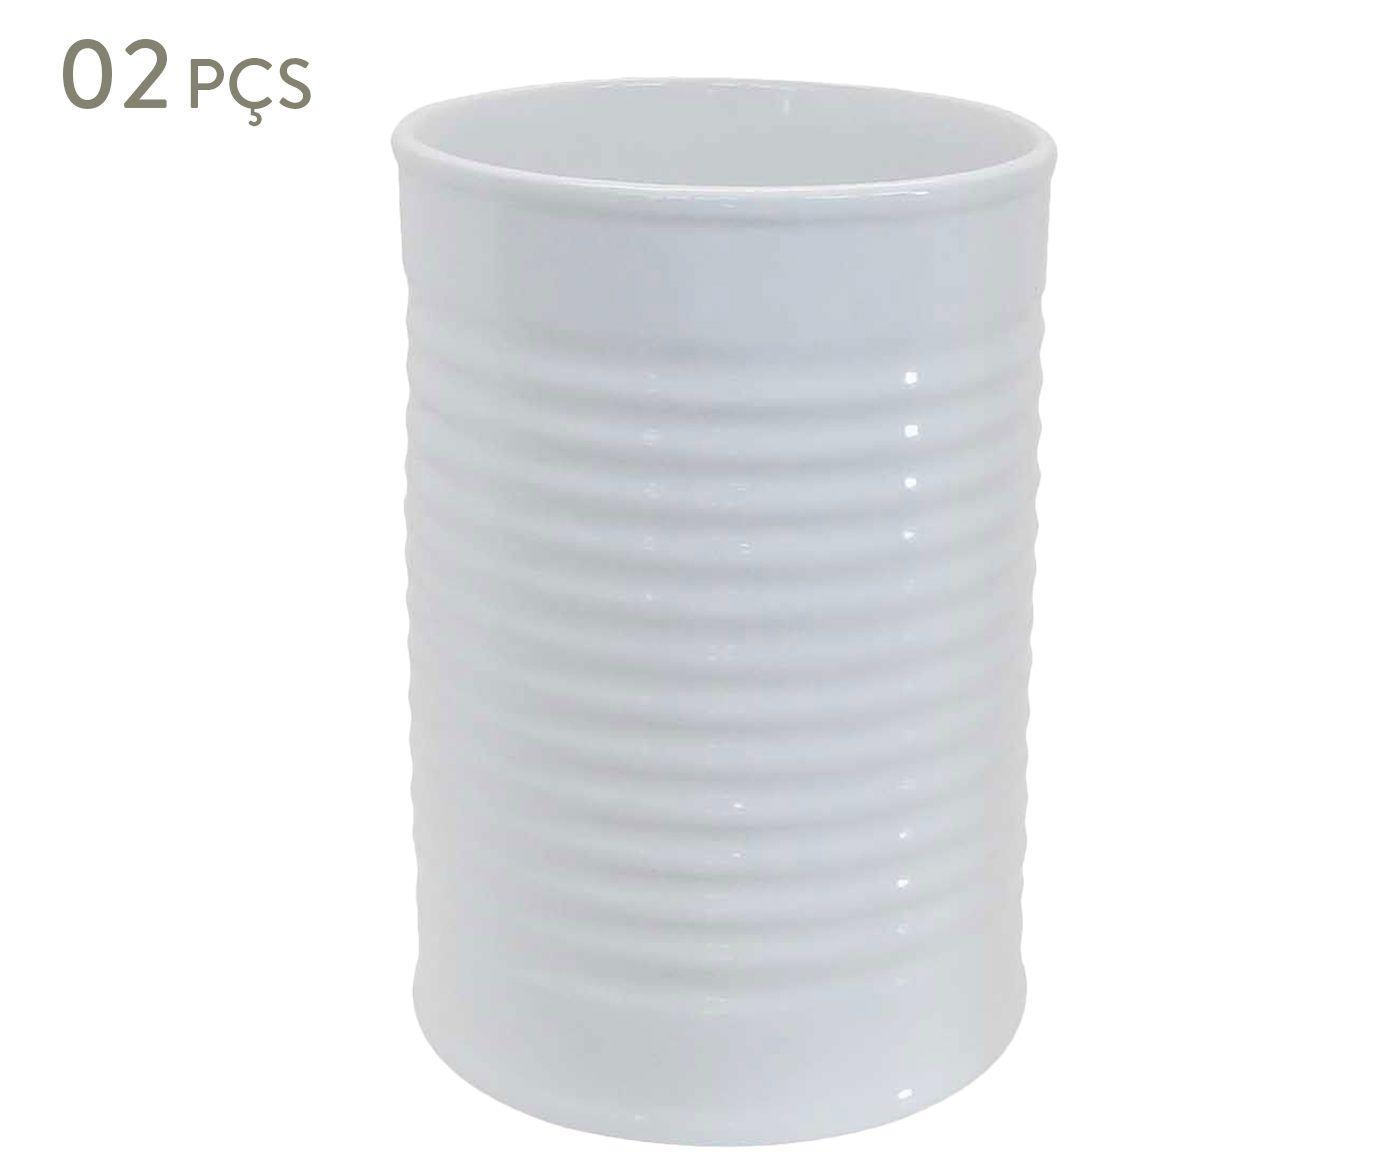 Conjunto de Porta-utensílios Espalier - union 1300 ml | Westwing.com.br